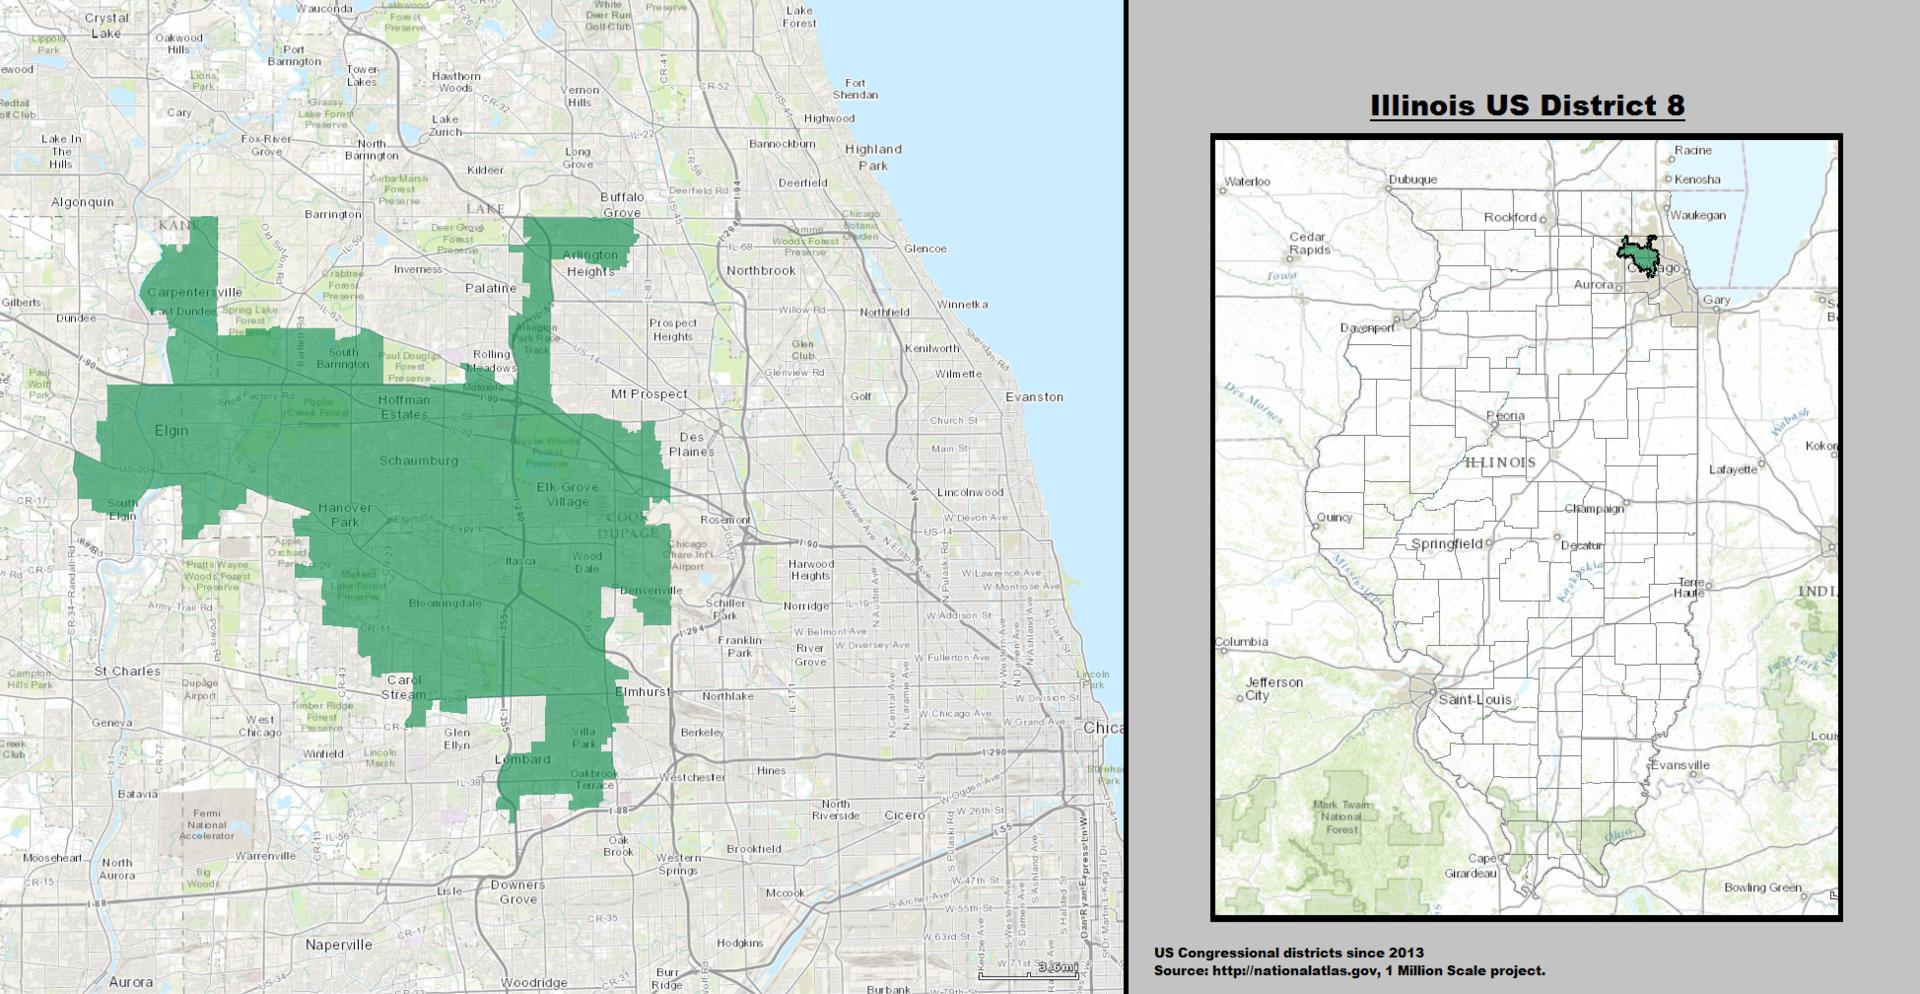 Illinois39s 8th Congressional District  Wikipedia